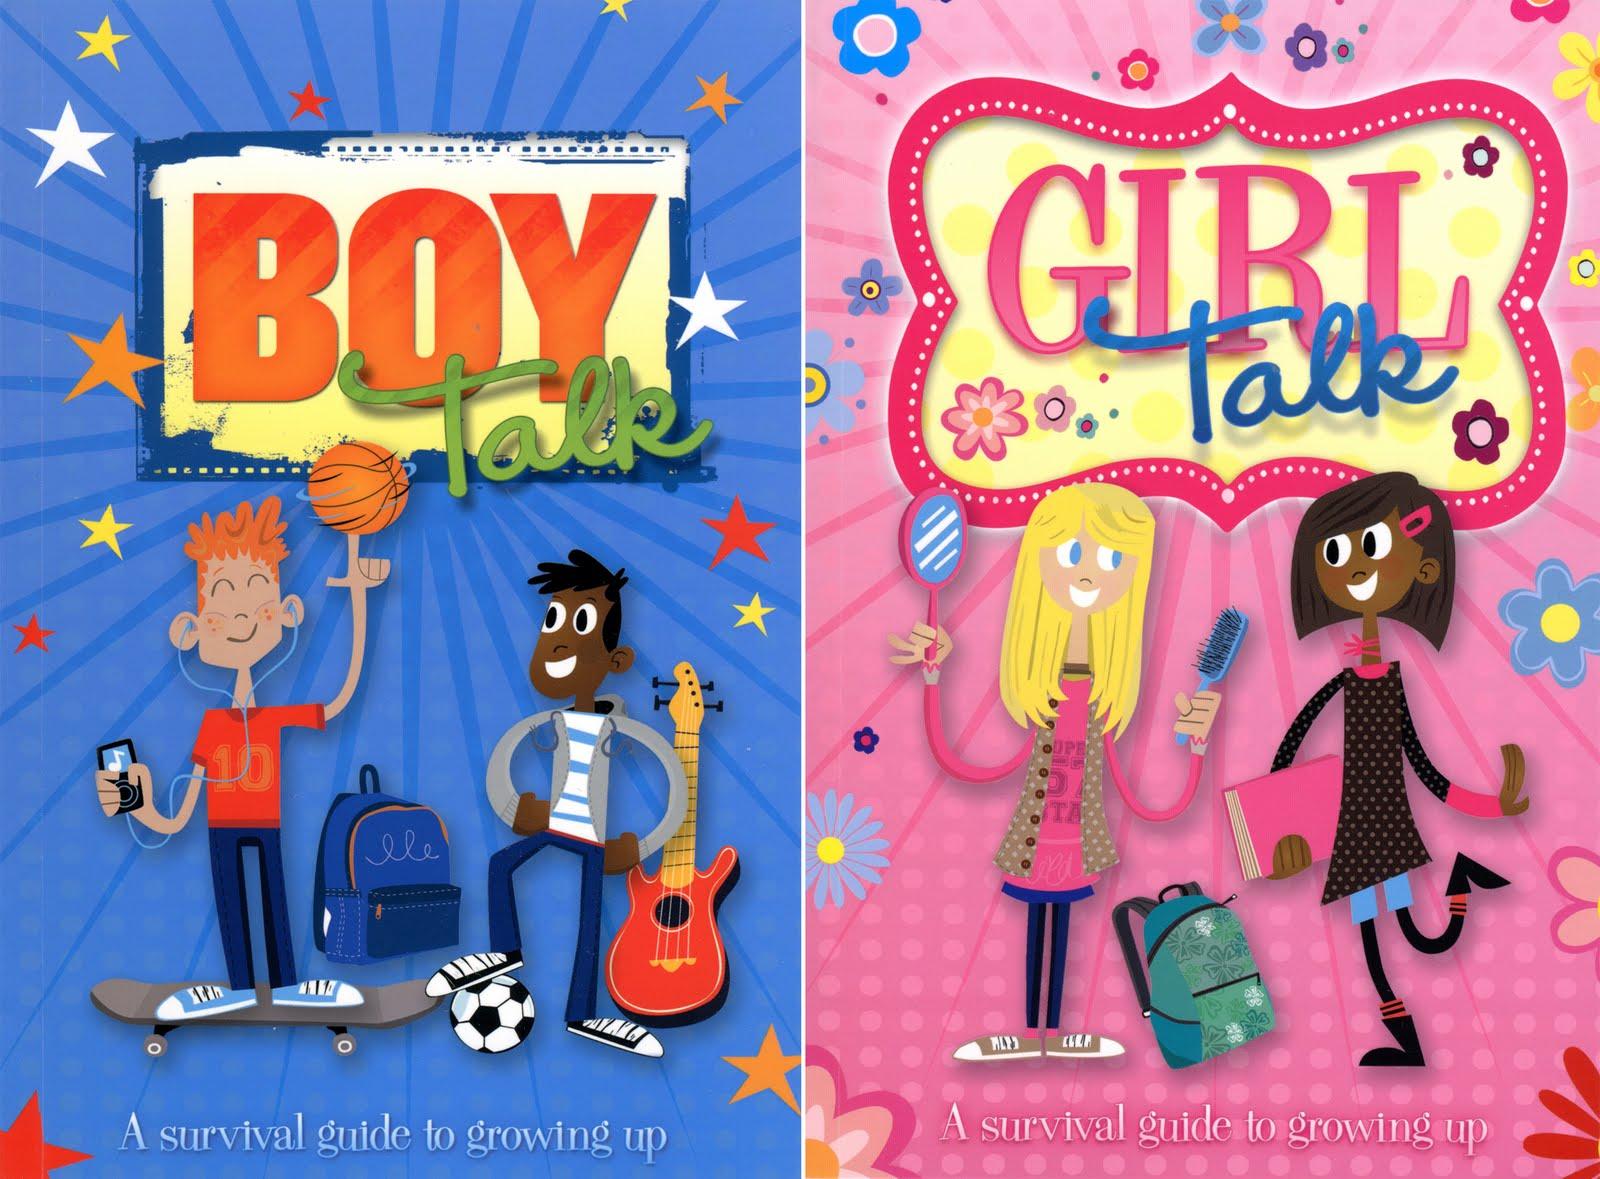 Lemonade illustration agency: November 2011